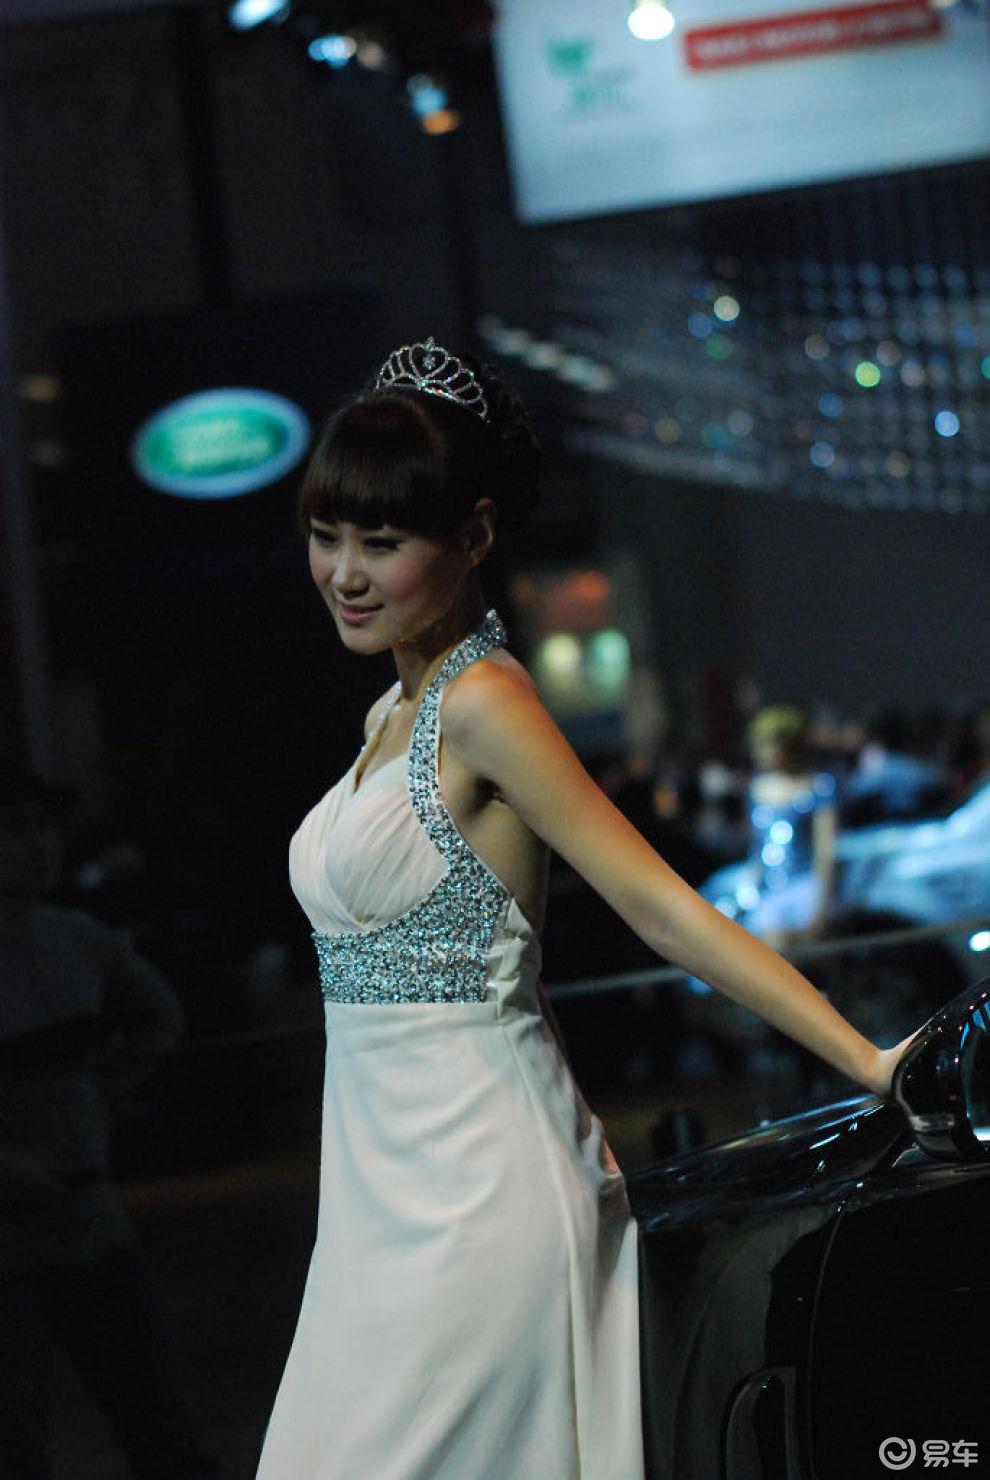 【捷豹活泼可爱车模图片】-易车网bitauto.com